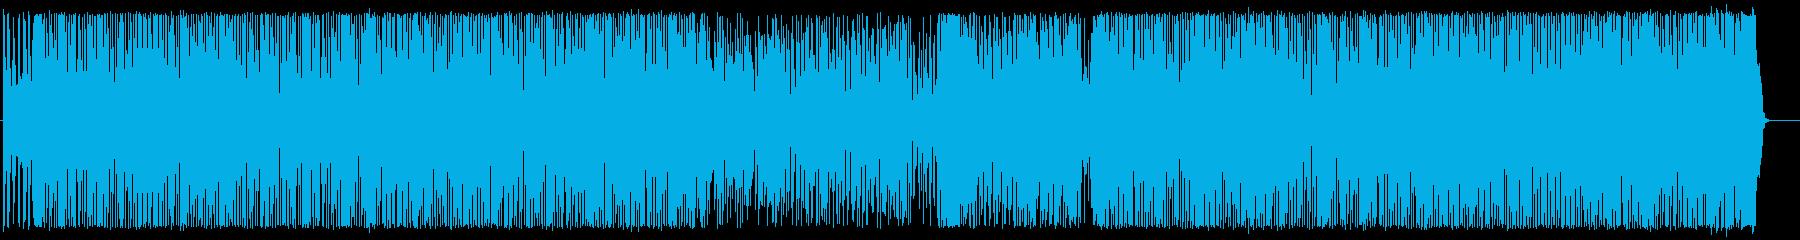 迷路やパズルゲーム風(展開少なめ)の再生済みの波形